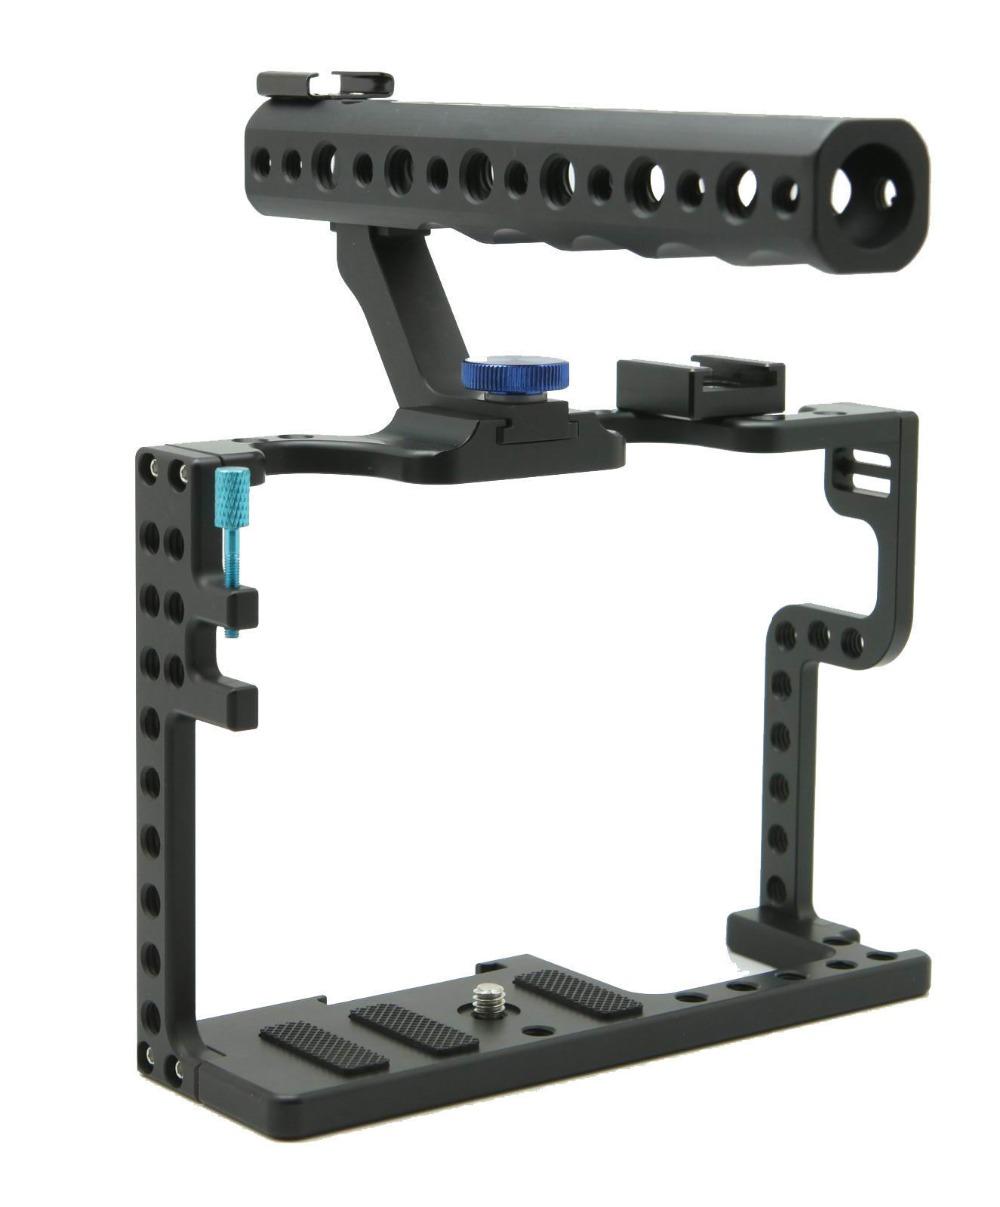 [해외]Panasonic Lumix GH5 카메라 용 F20577 용 DSLR 카메라 CageTop 핸들 그립/DSLR Camera CageTop Handle Grip For Panasonic Lumix GH5 Camera Rig F20577